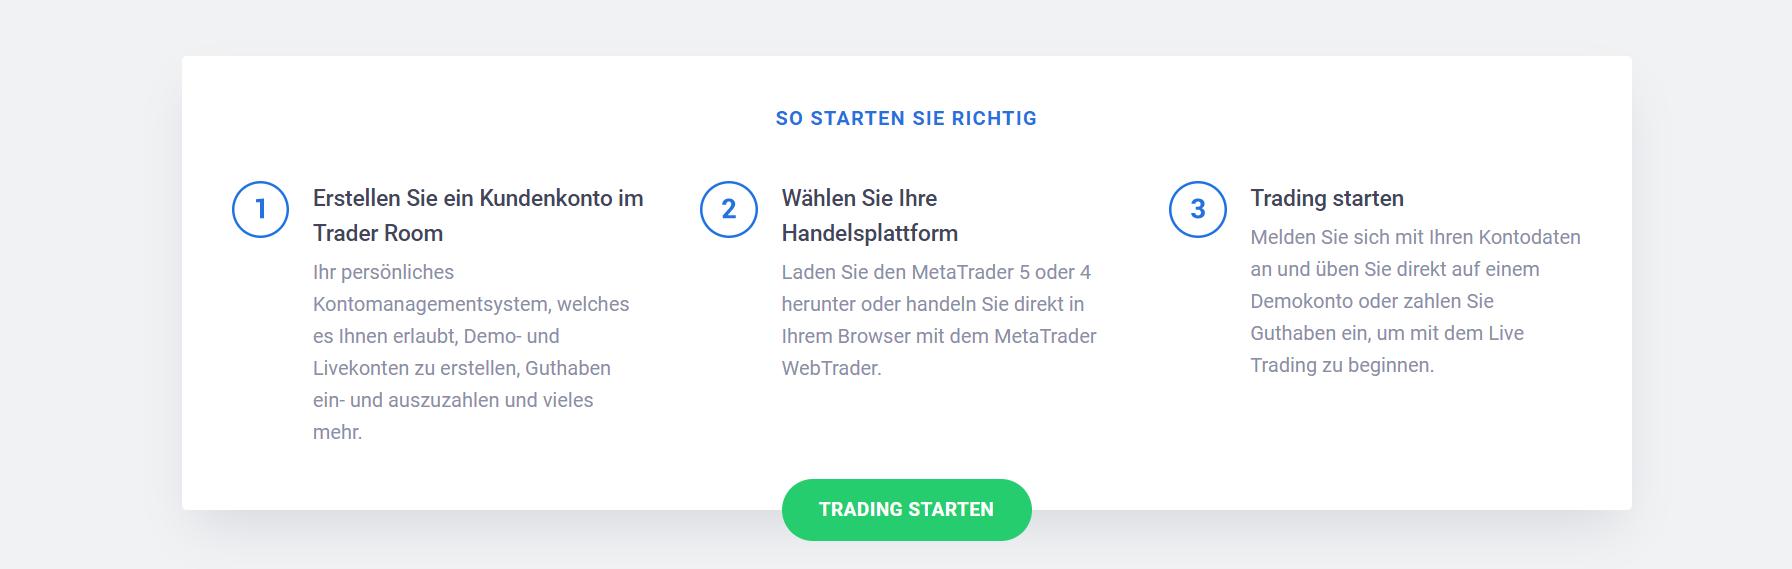 So starten Sie in 3 Schritten das Trading bei Admiral Markets